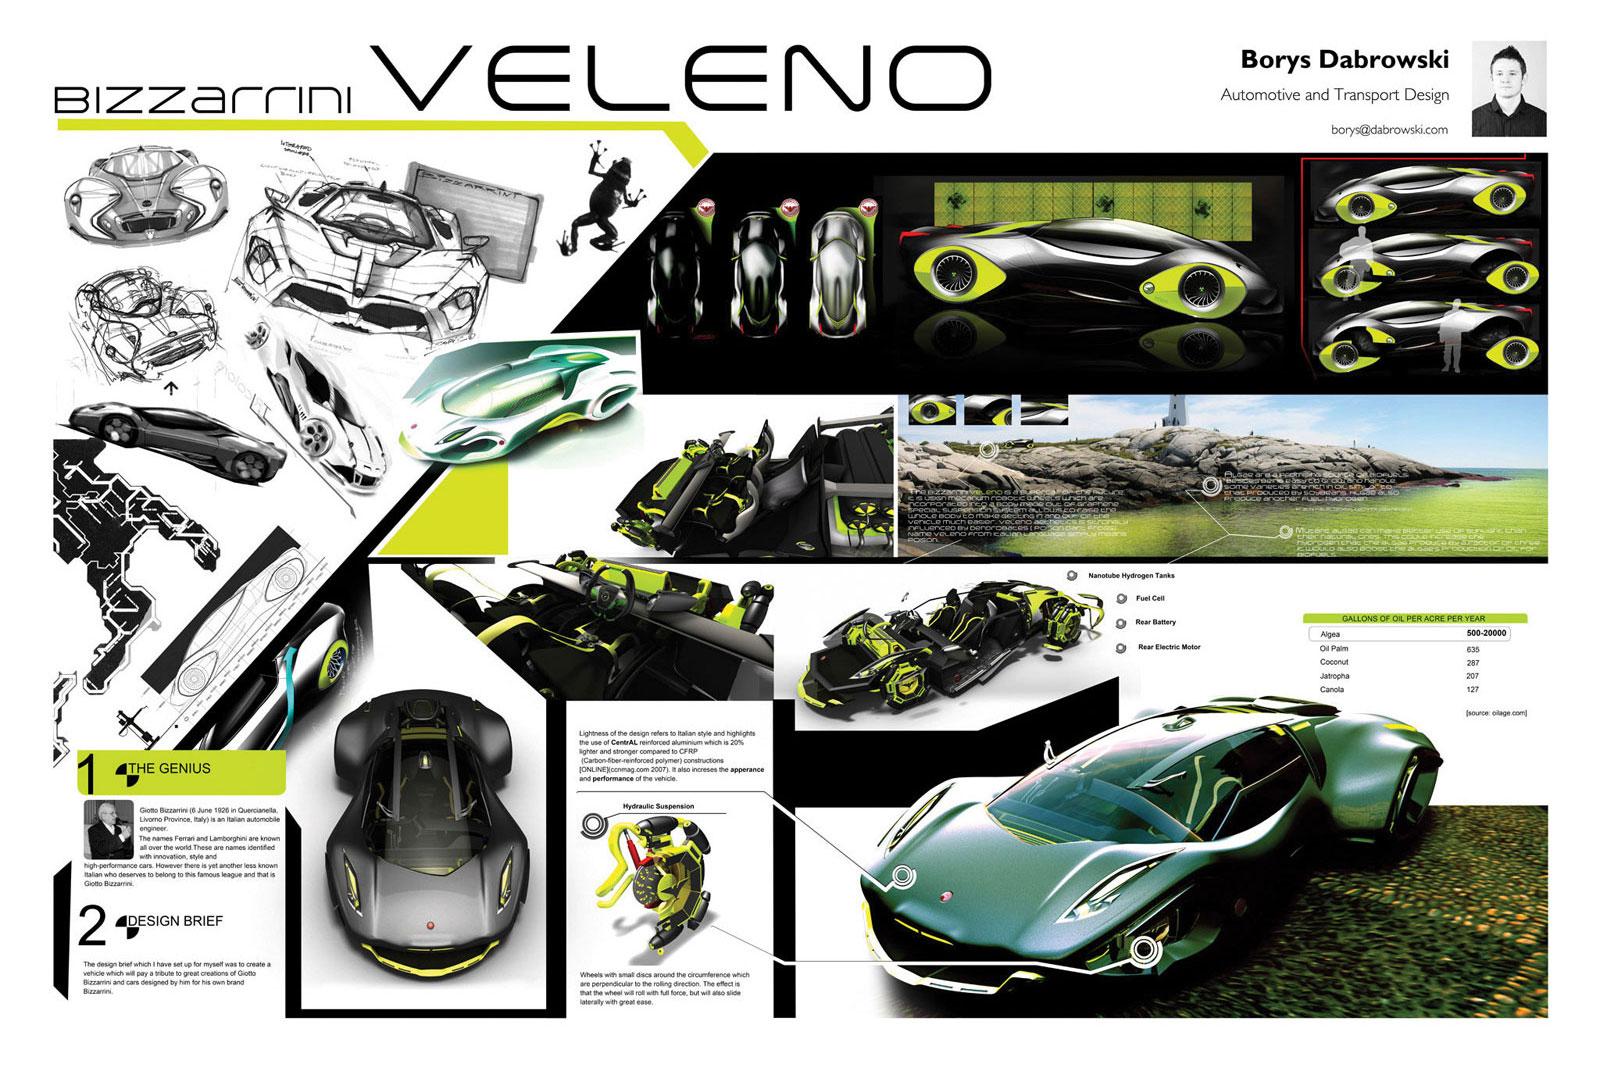 Bizzarrini-Veleno-Concept-Design-Panel-01